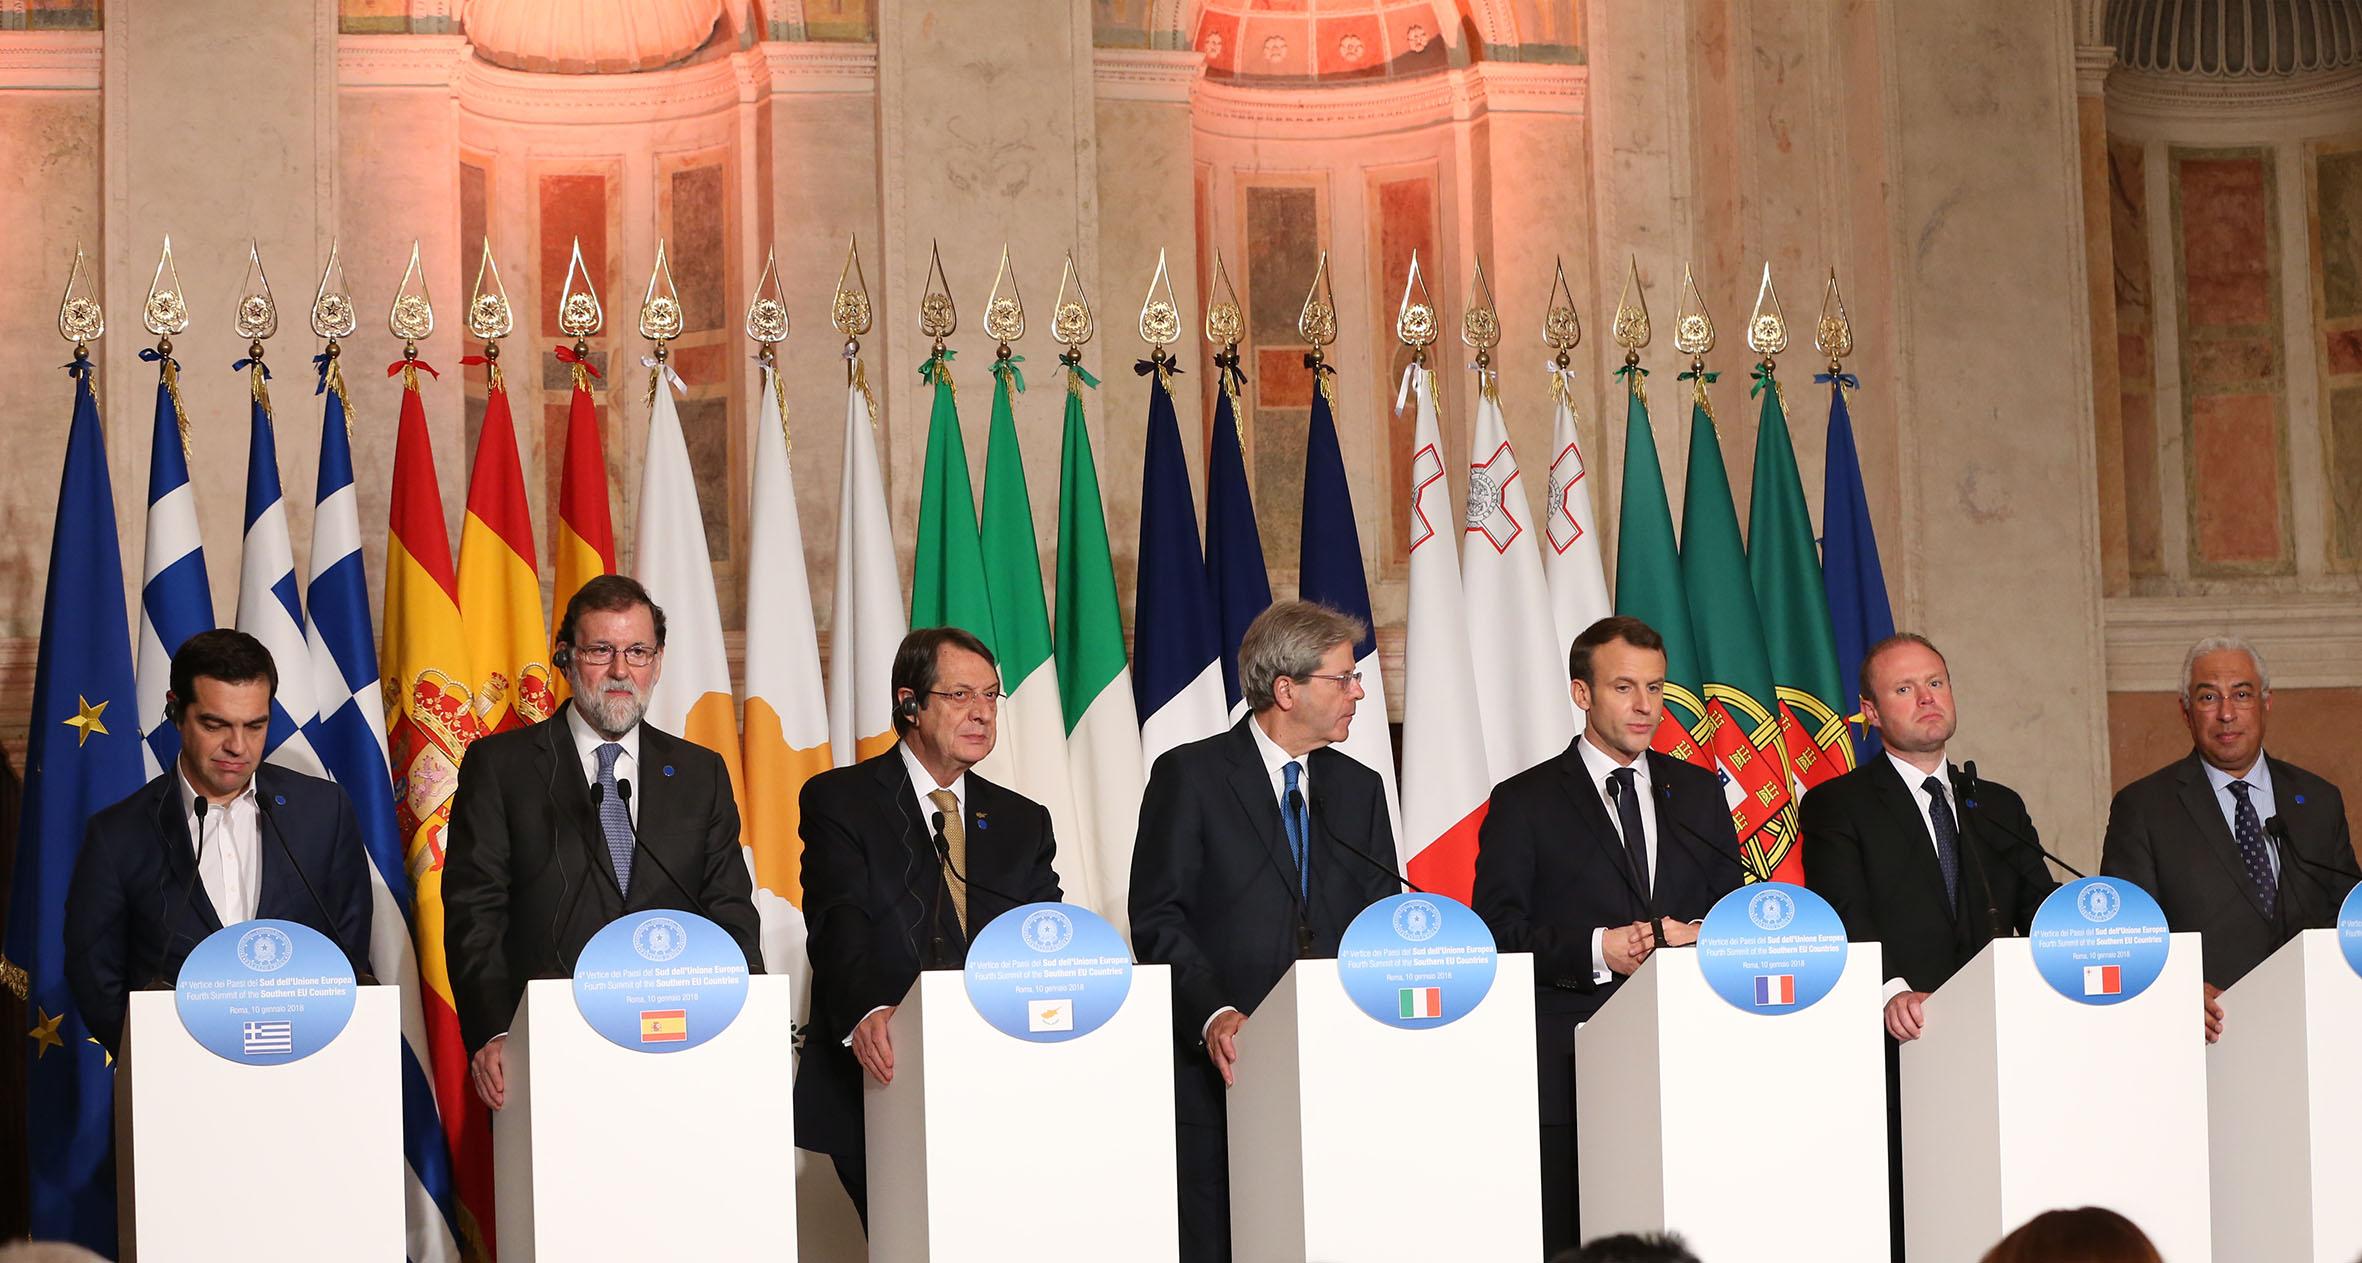 Δηλώσεις του ΠροέδρουΑναστασιάση κατά την 4η Σύνοδο Κορυφής των ηγετών των νοτίων χωρών μελών της ΕΕ, στη Ρώμη